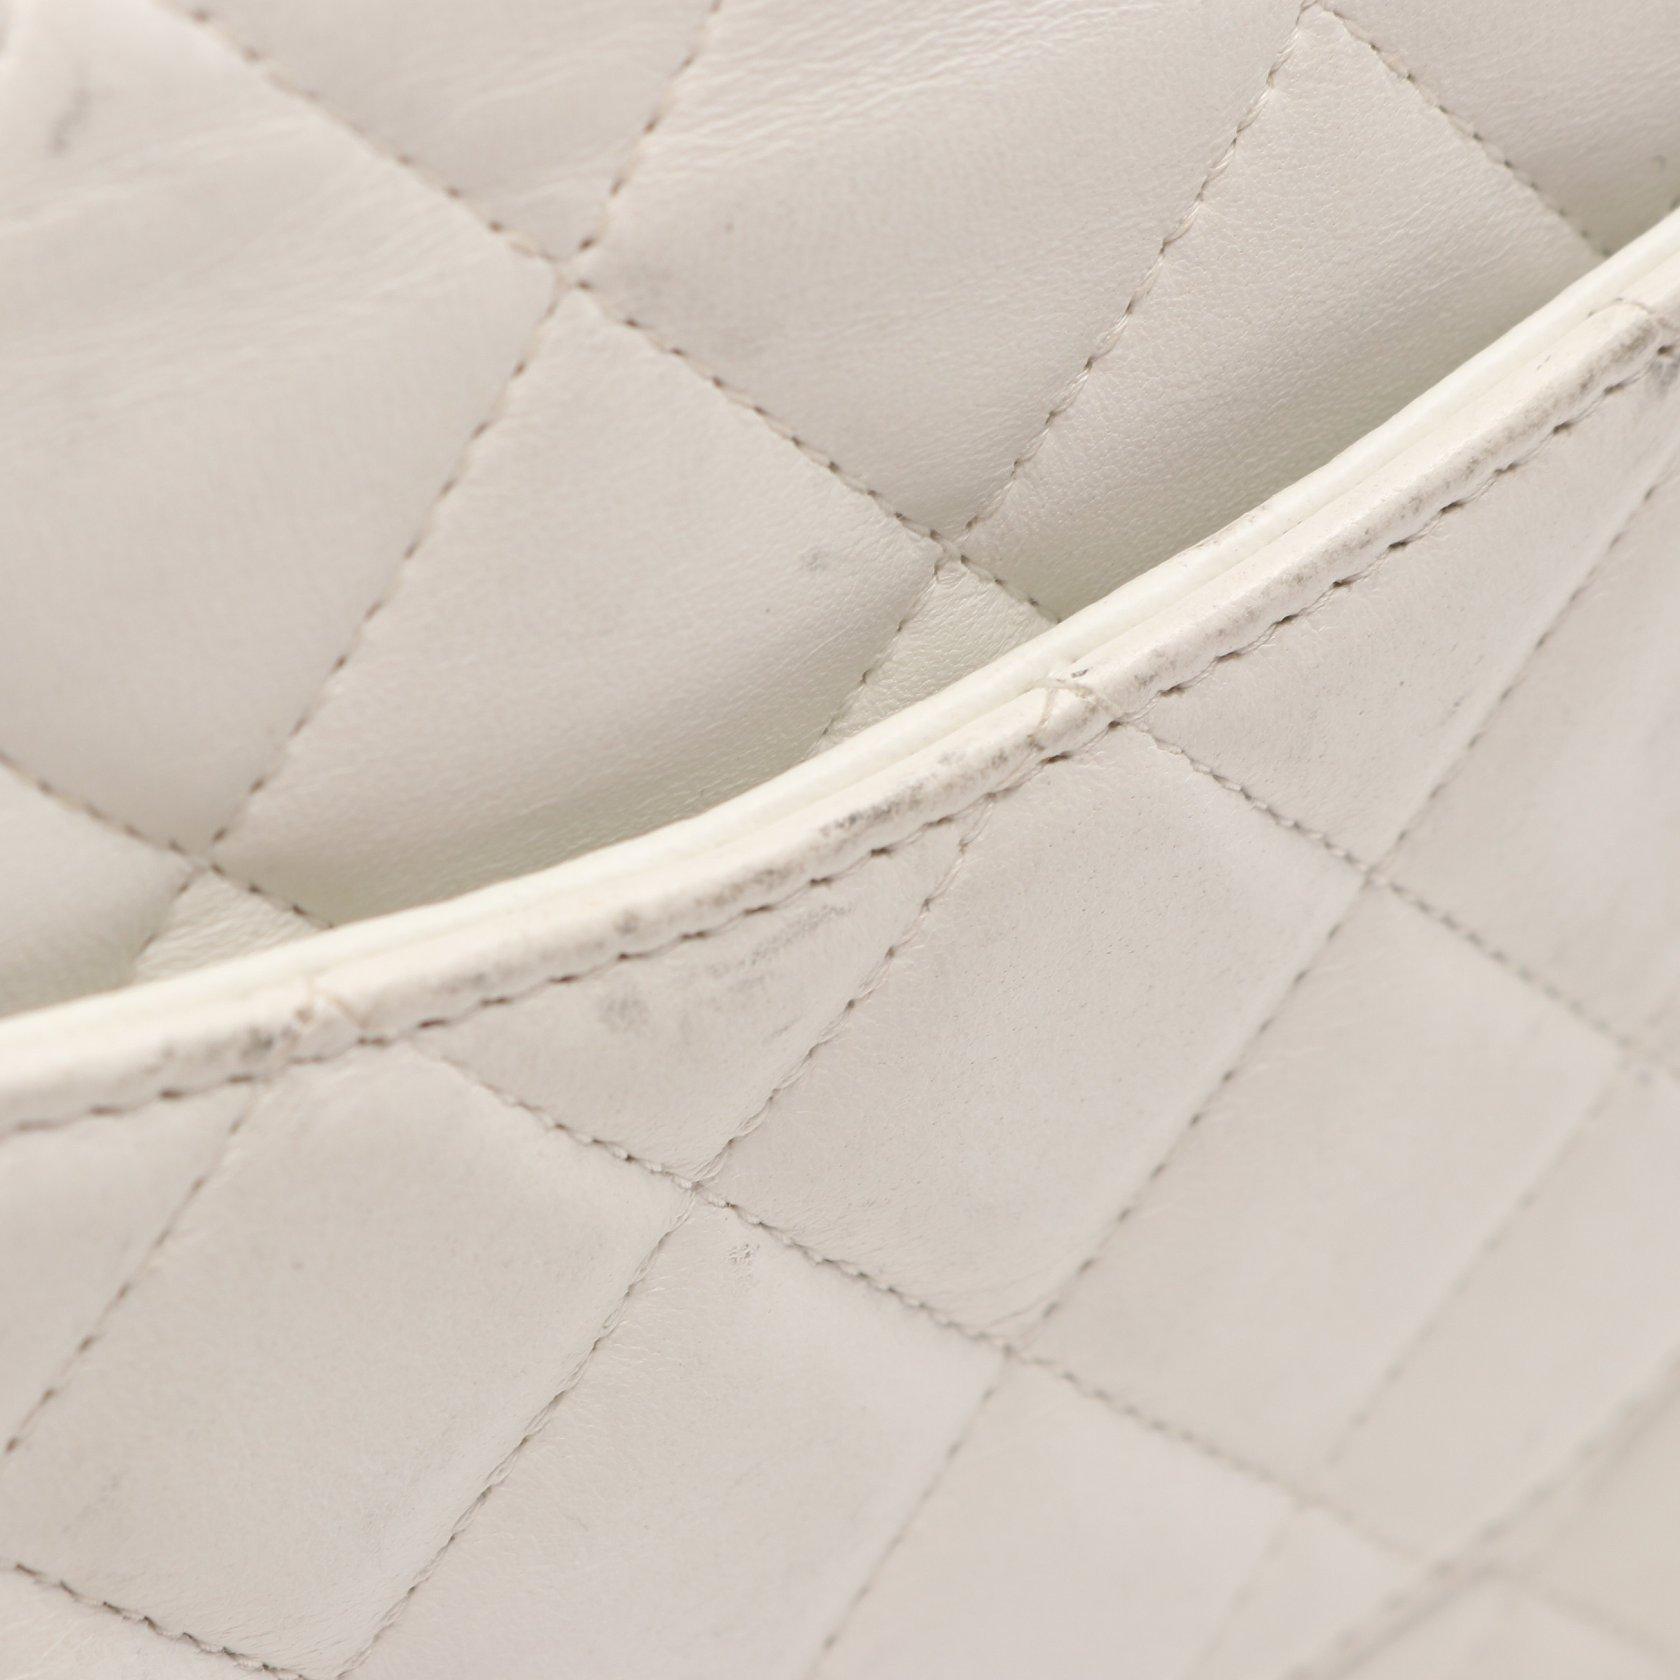 CHANEL・バッグ・ミニマトラッセ チェーンショルダーバッグ ラムスキン ホワイト シルバー金具